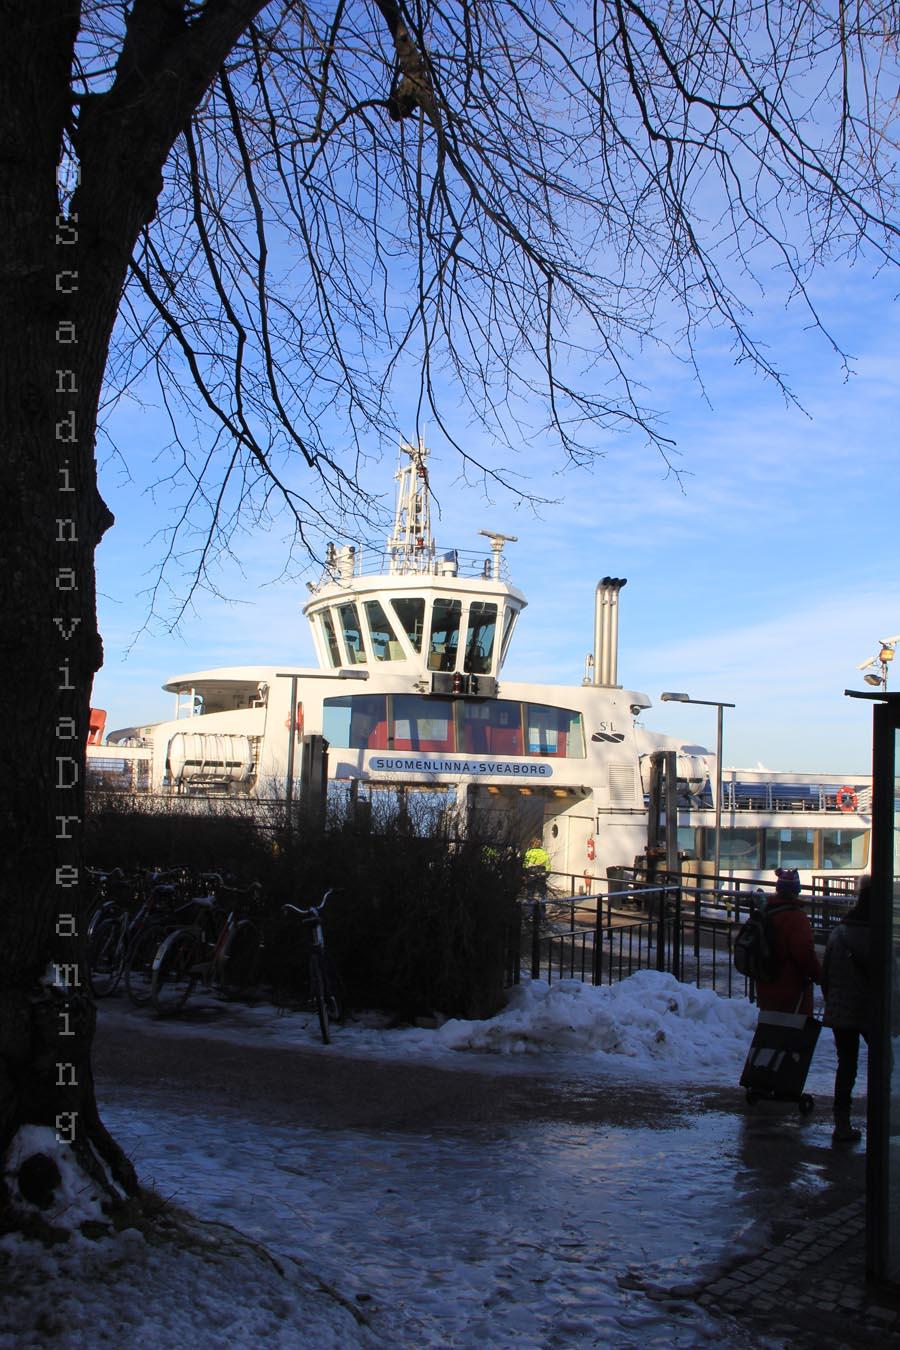 Bateau pour Suomenlinna